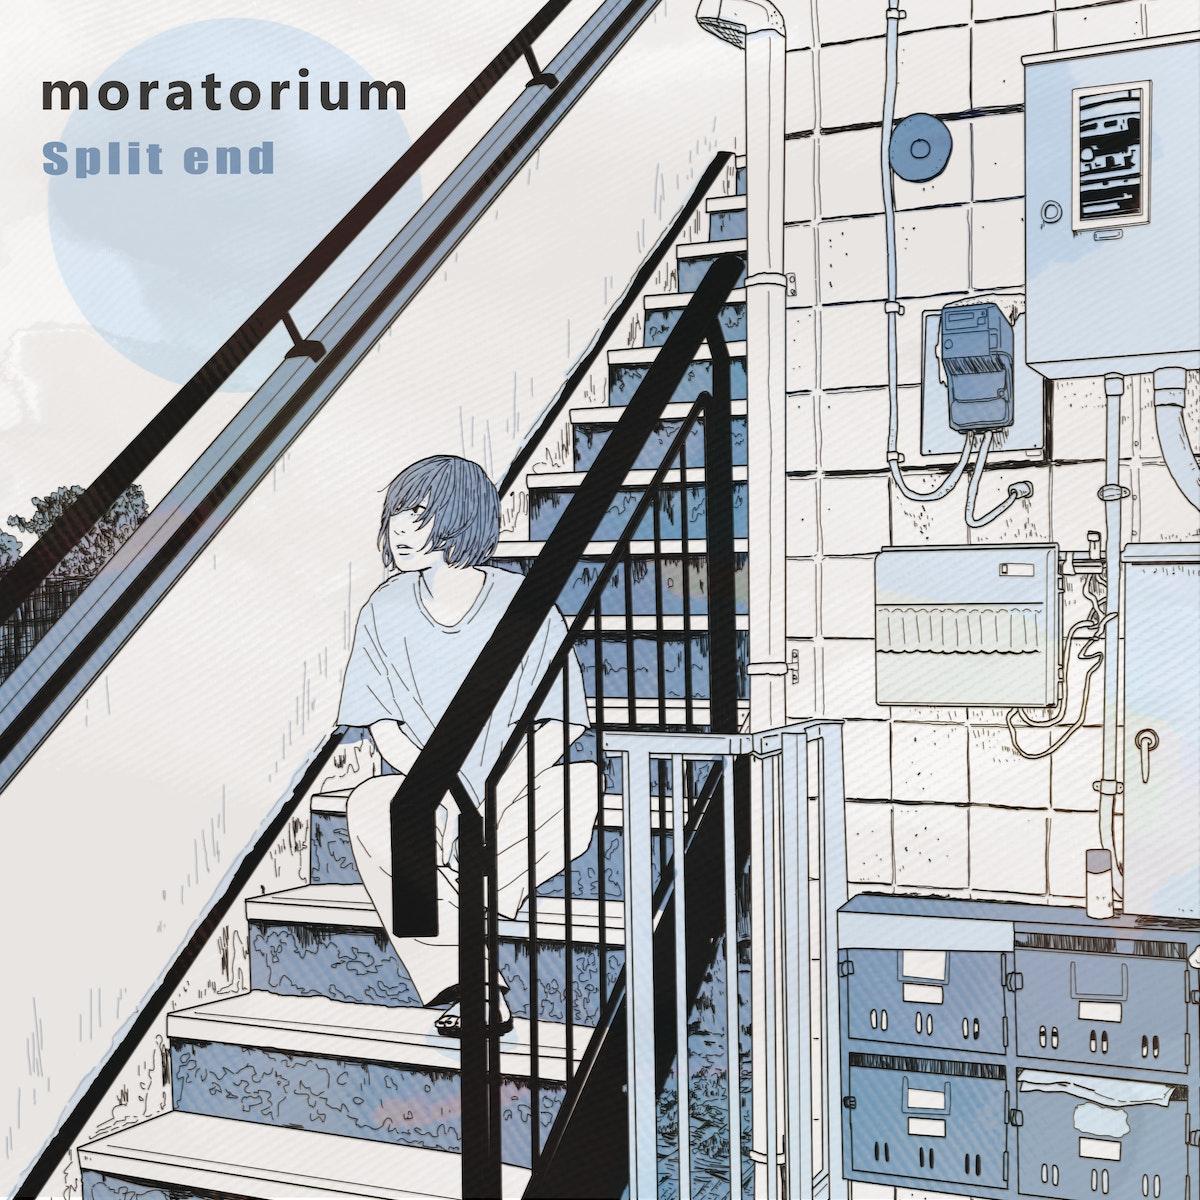 Split end「moratorium」